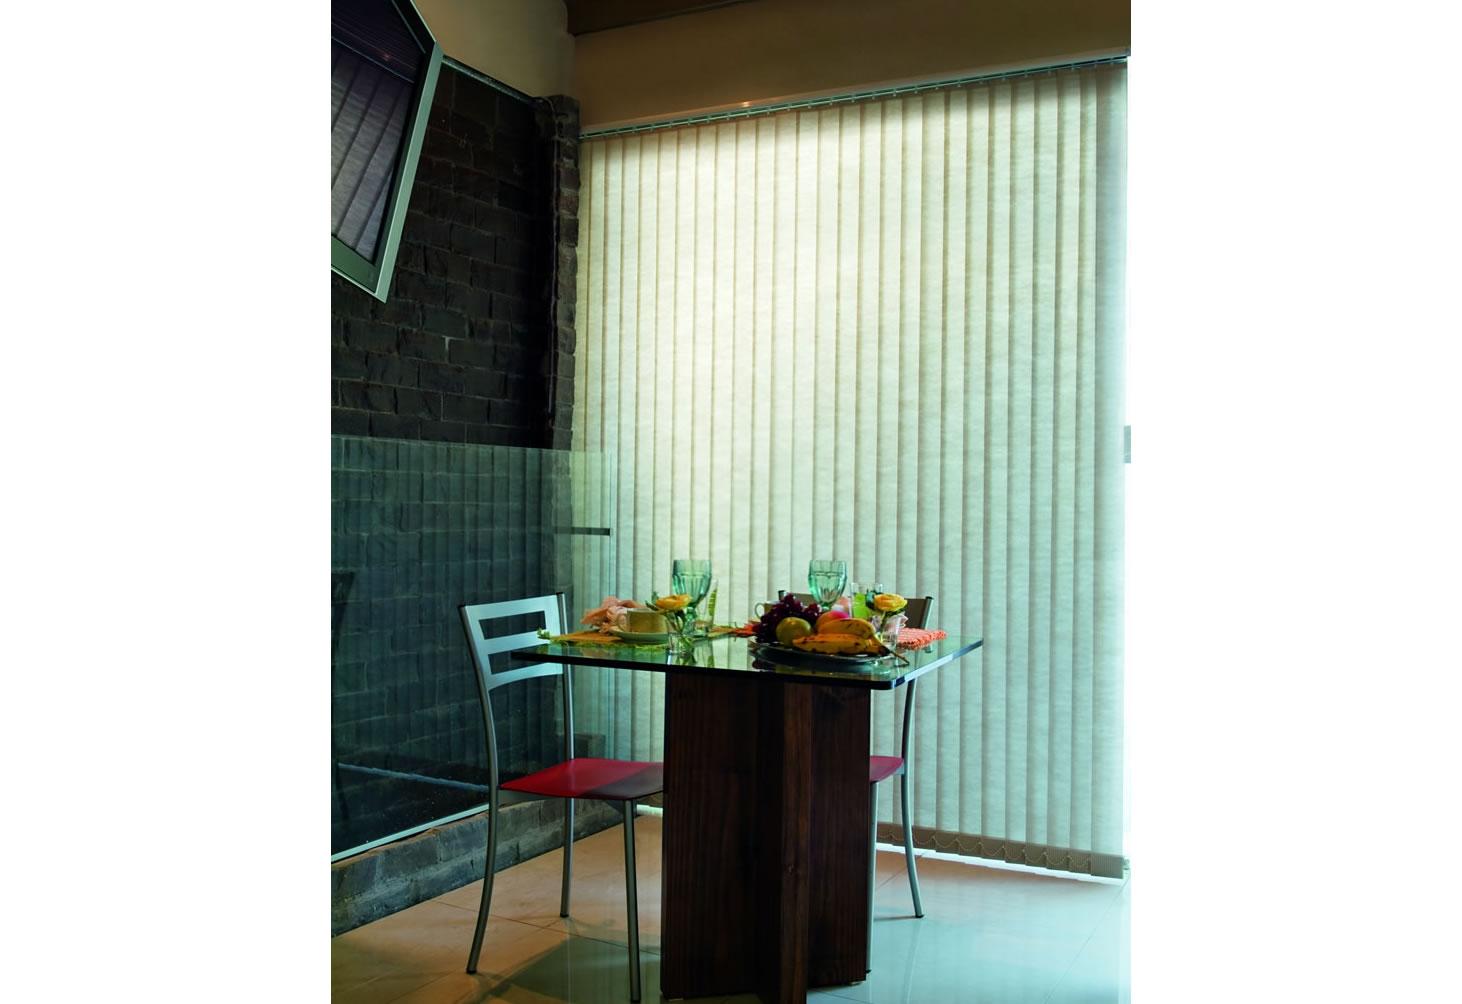 Persiana Vertical Tecido adapta-se a diversos tipos de ambientes proporcionando um controle único sobre a luminosidade, privacidade e também a visibilidade externa, trazendo charme e aconchego na decoração.